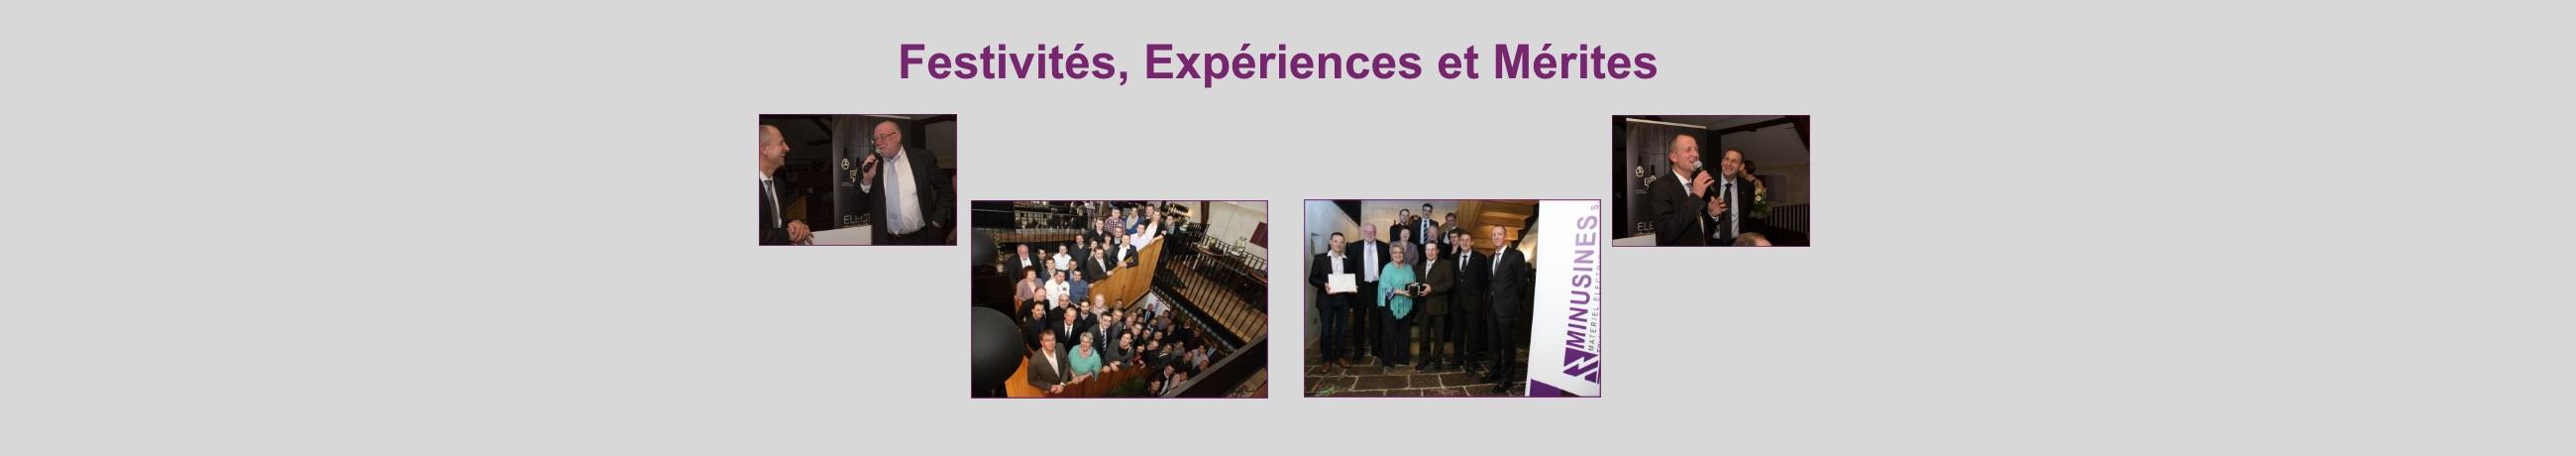 Banner-Festivités-Expériences-et-Mérites32